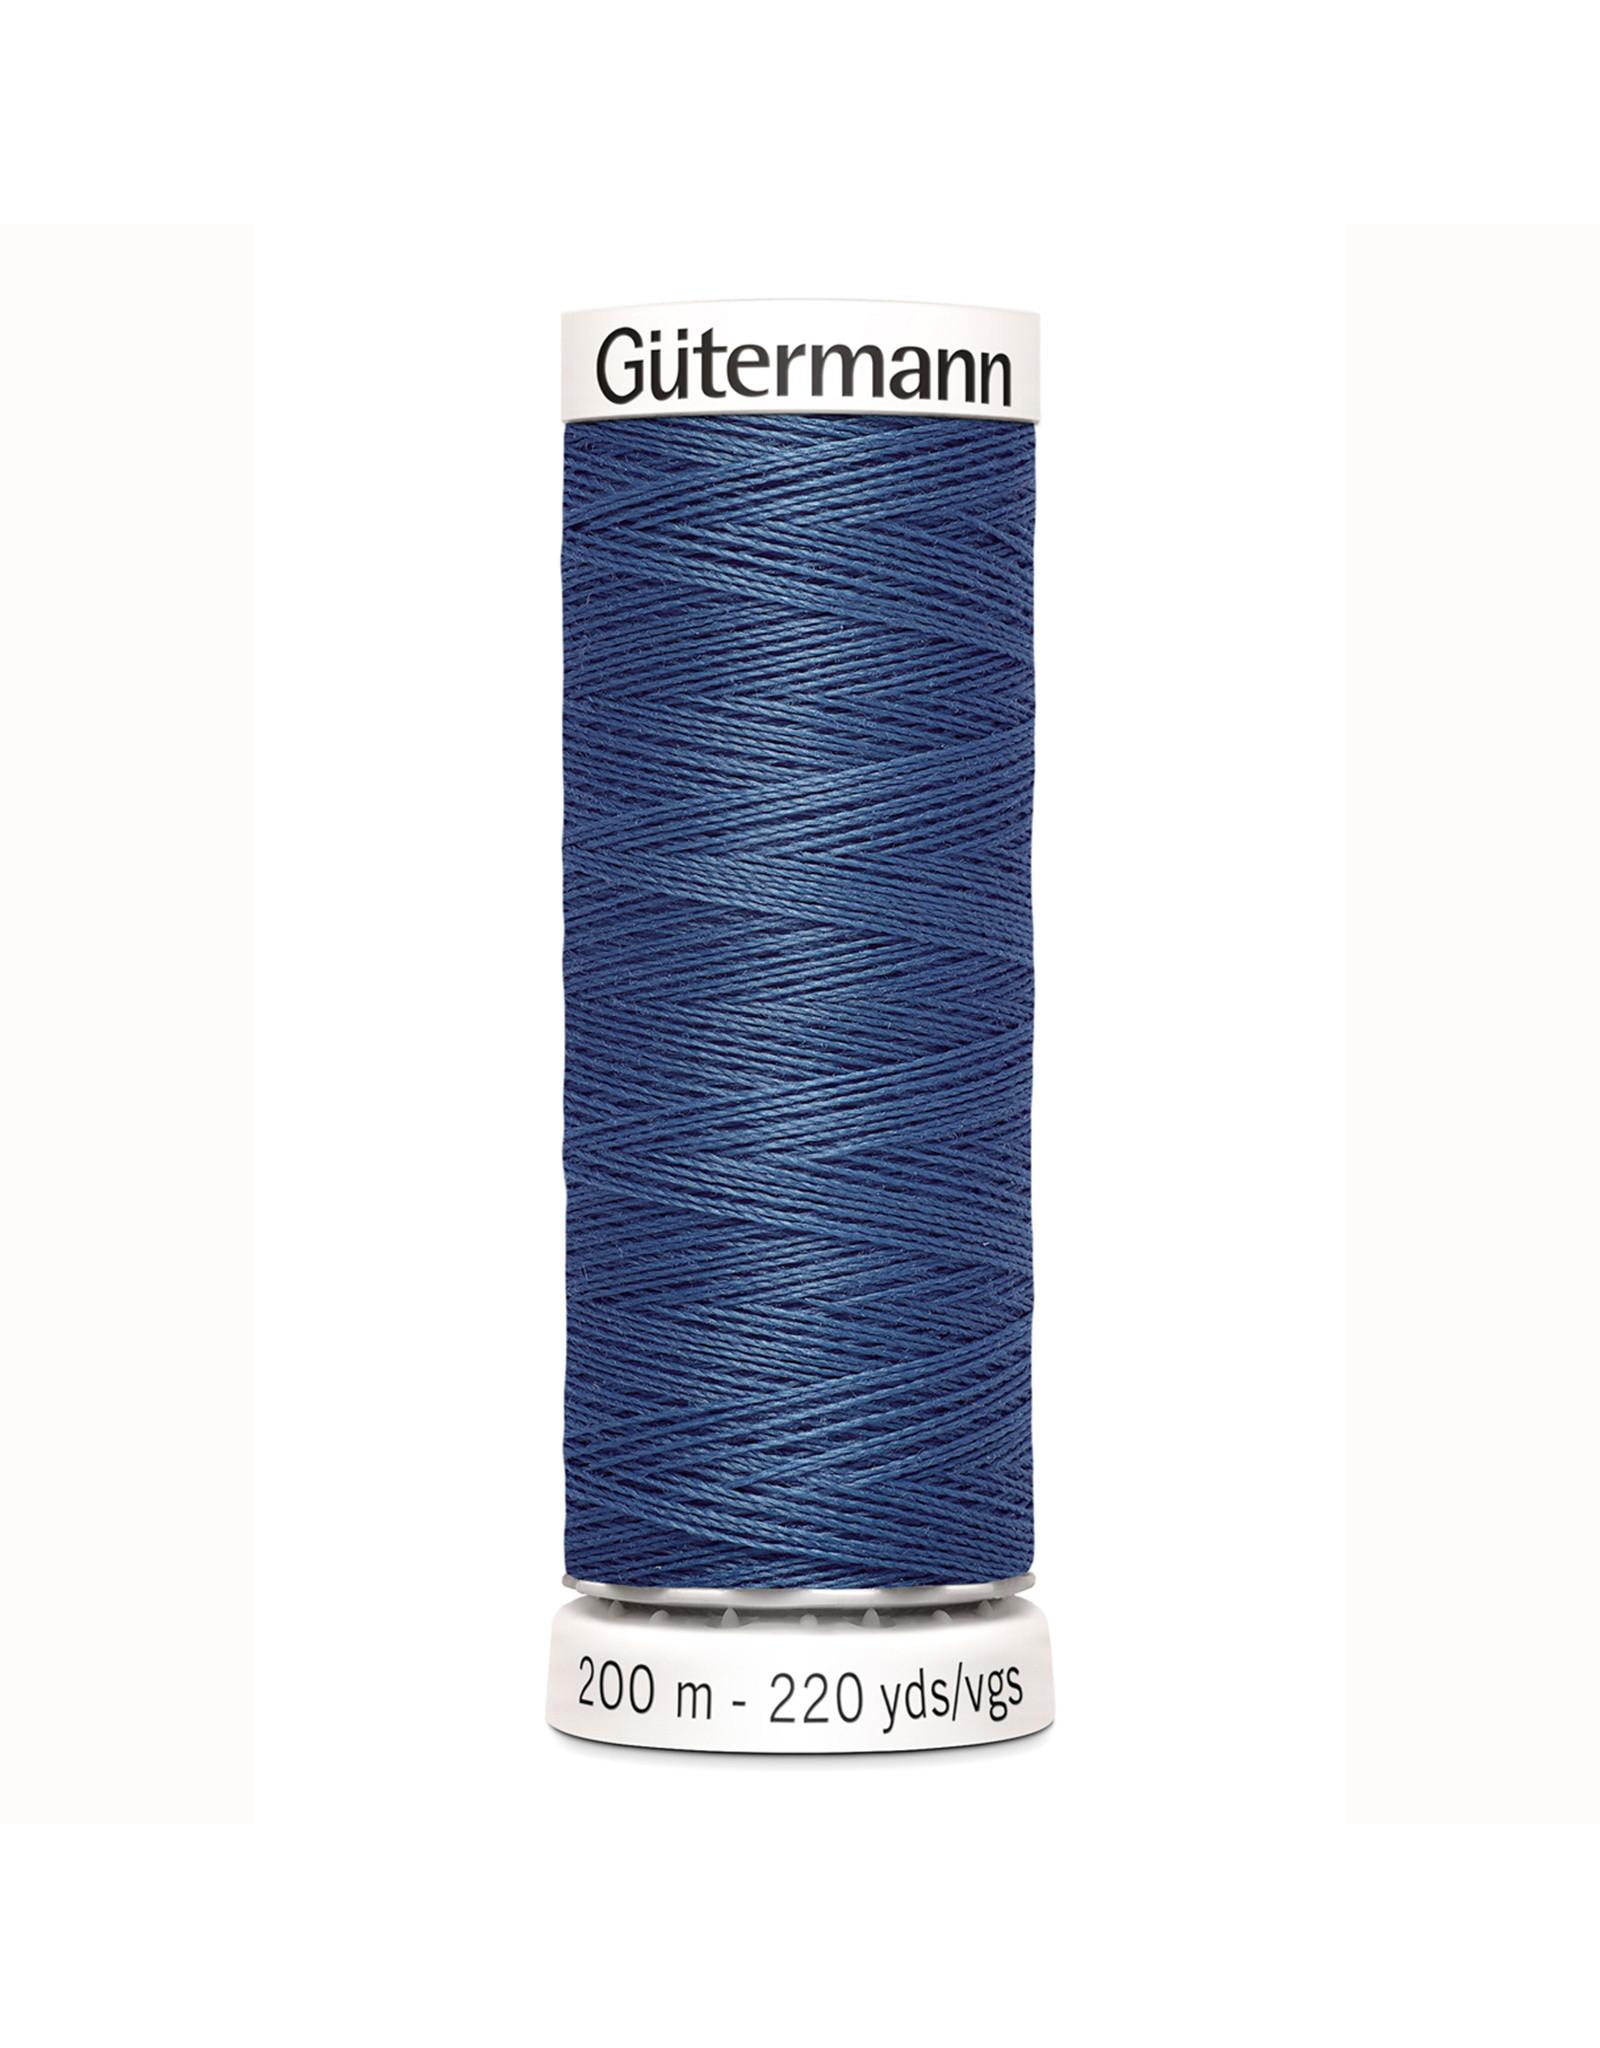 Gütermann Gütermann Sewing Thread 200 m - nr 435